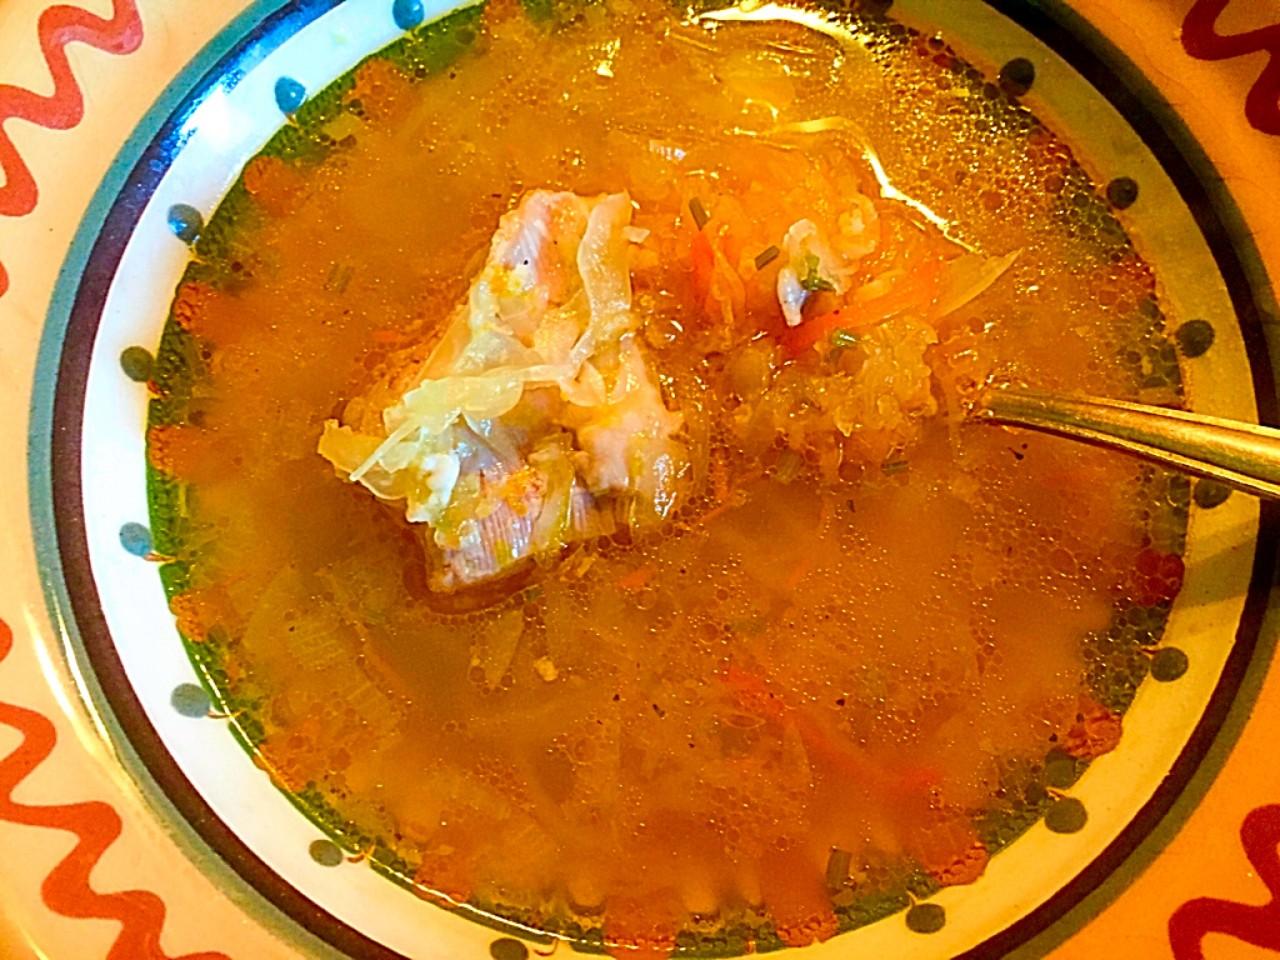 Блюда с квашенной капустой. Первое, второе и компот